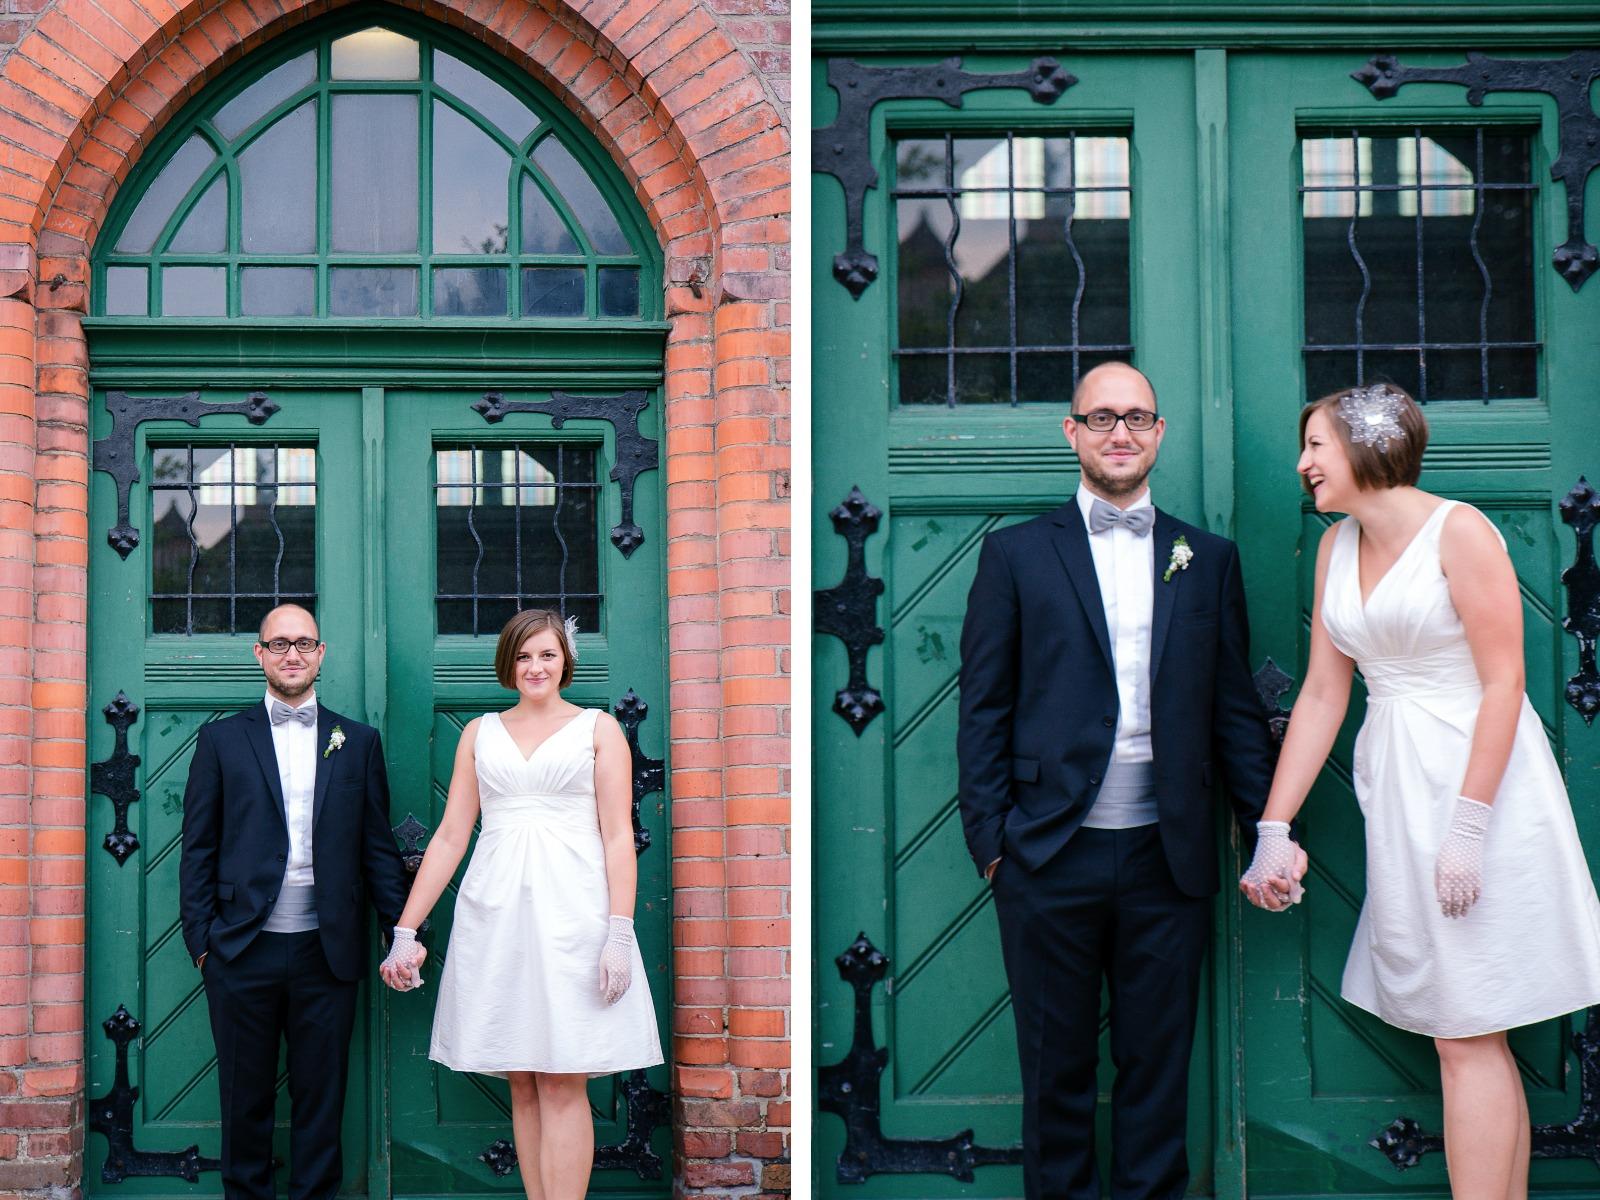 Monstergraphie_Hochzeitsreportage_Dortmund_Zeche_Zollern15.jpg?fit=1600%2C1200